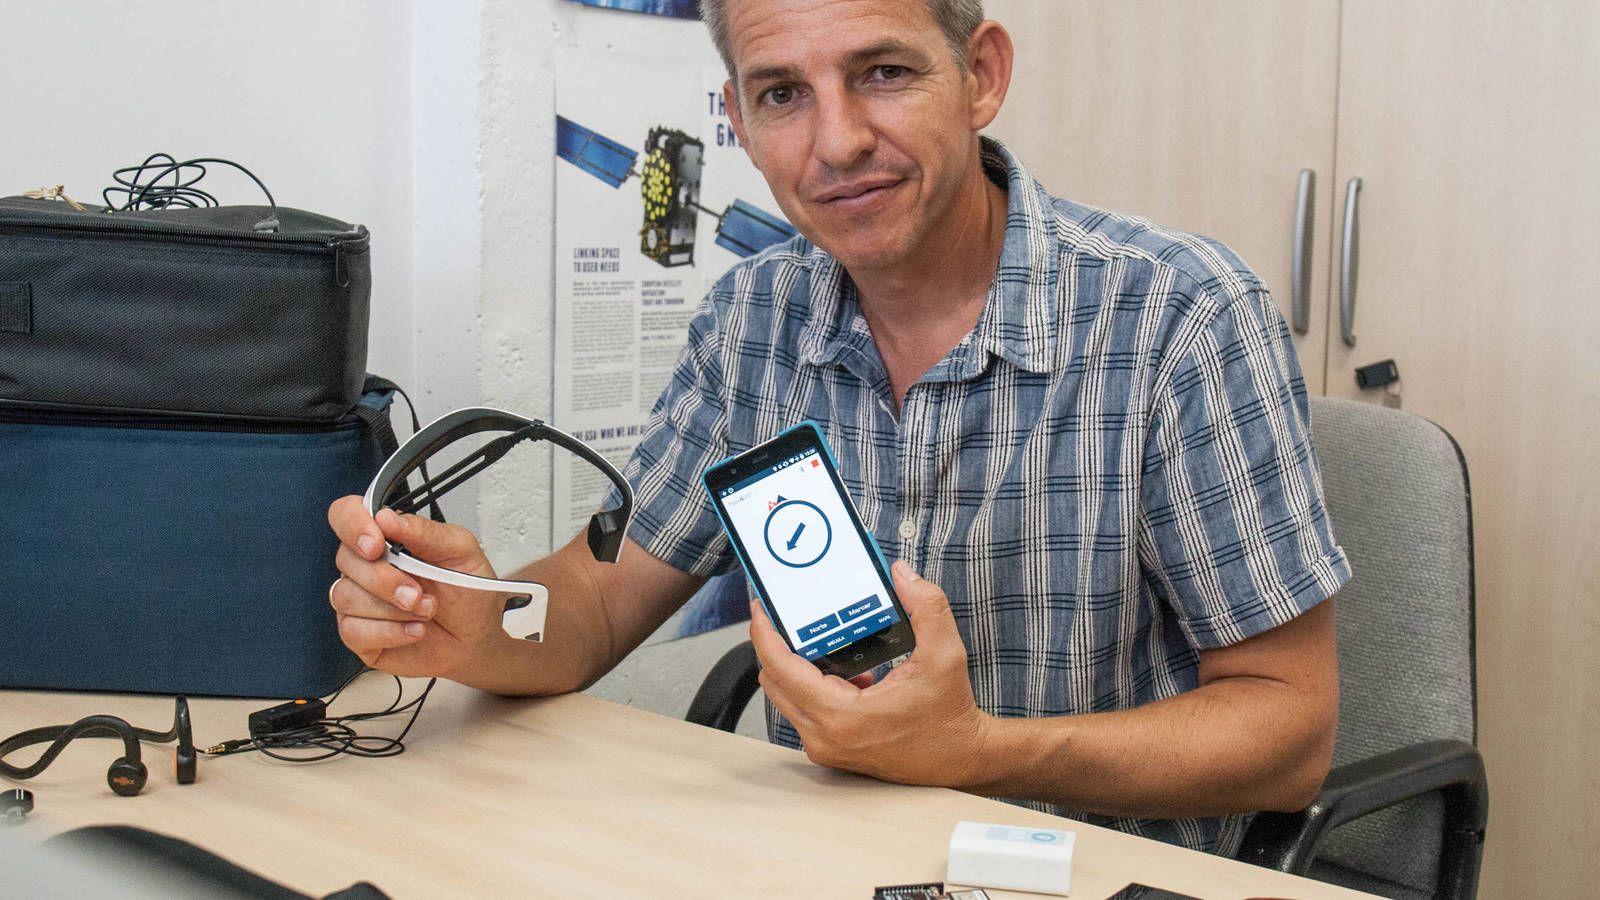 La 'startup' española que promete mejorar la vida de miles de ciegos con una simple 'app'